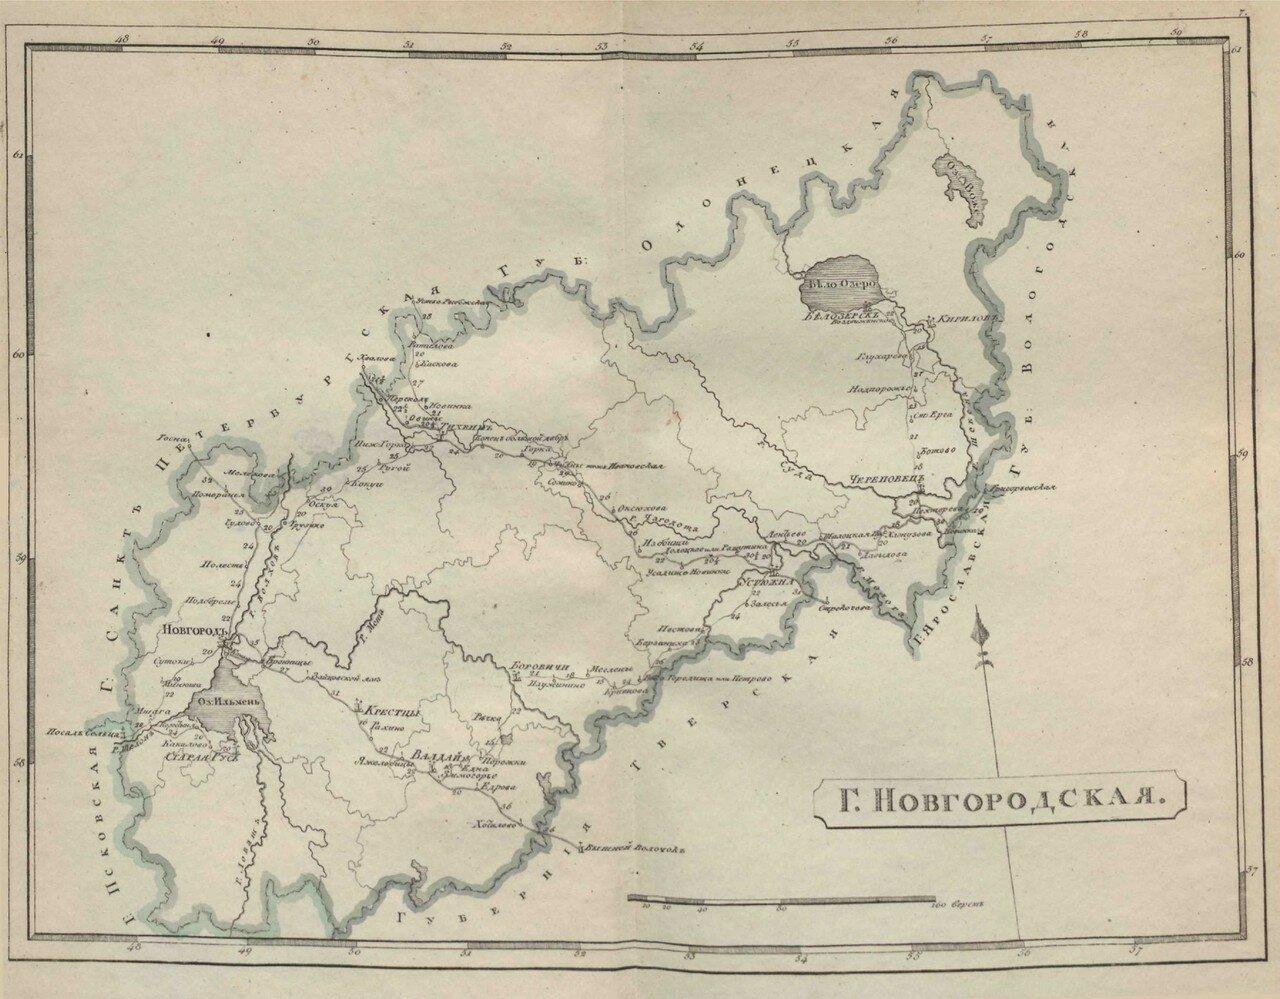 08. Новгородская губерния